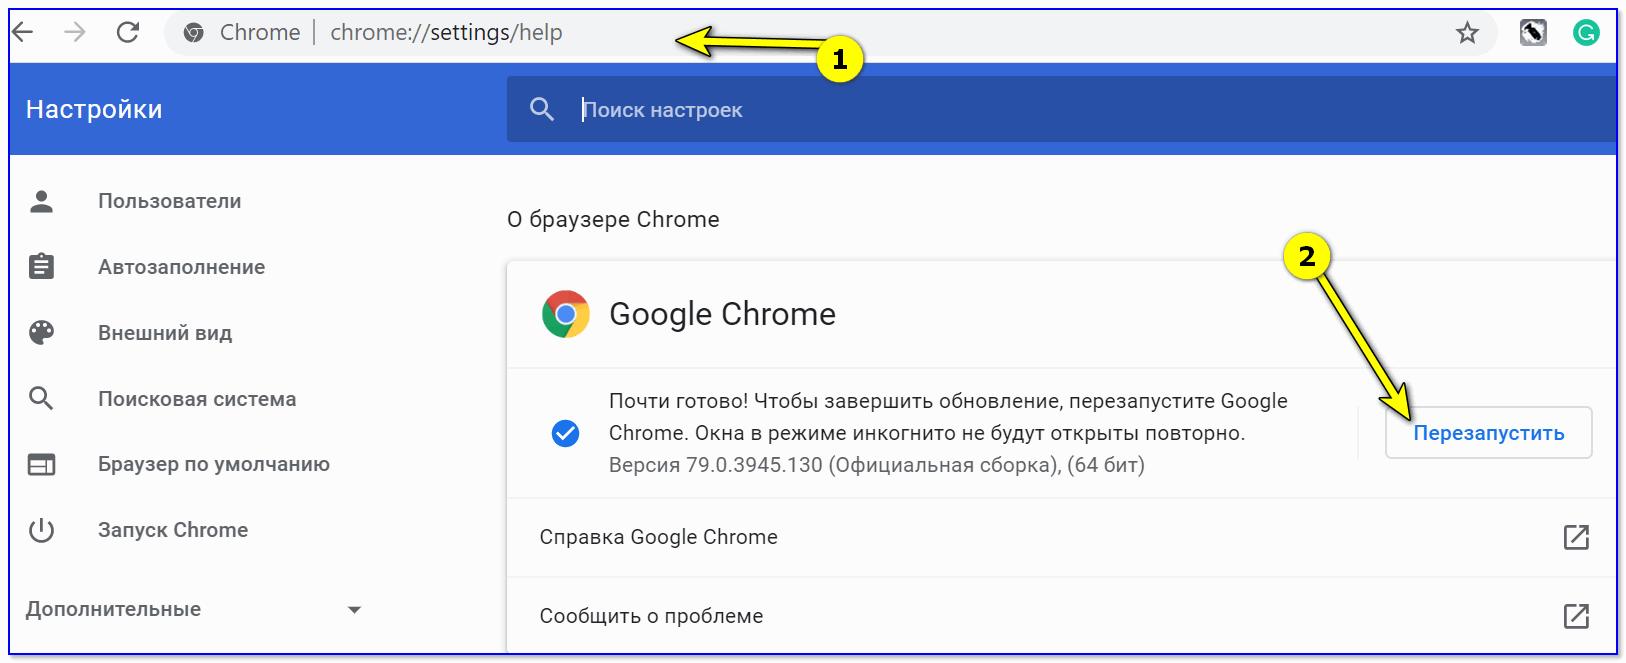 О браузере Chrome